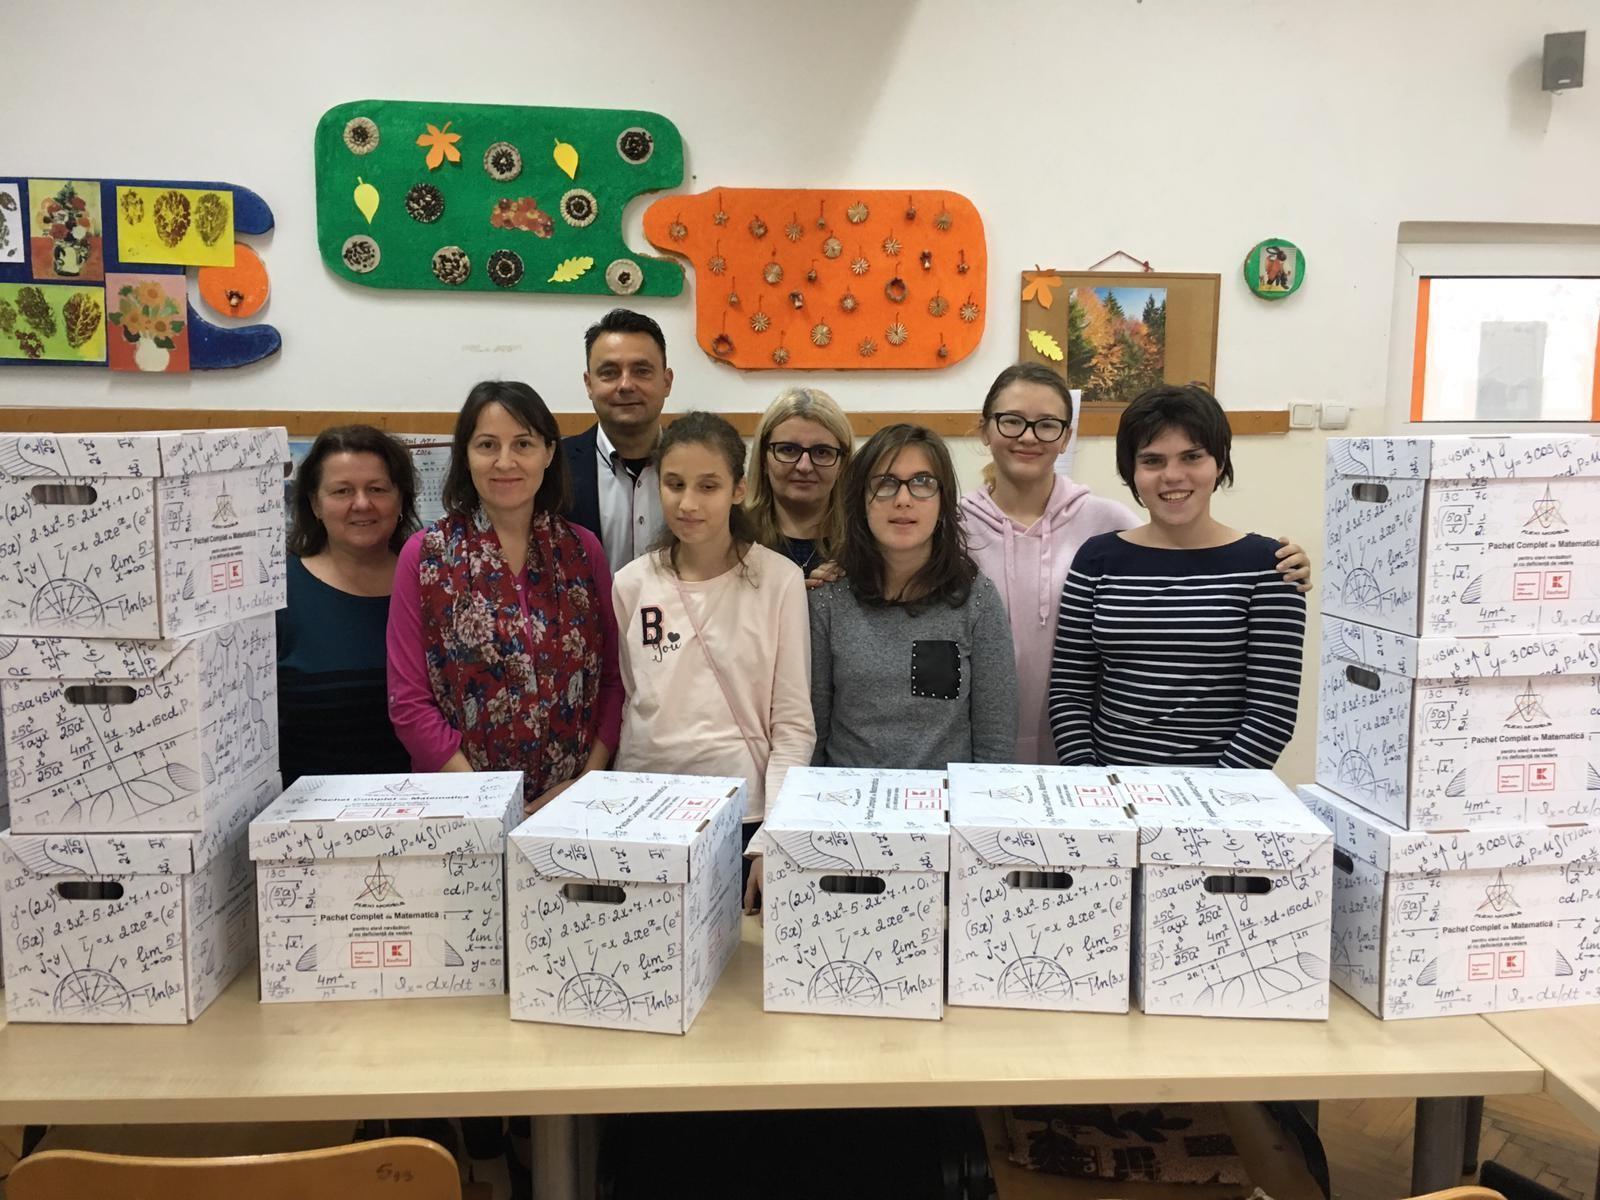 Copiii nevăzători din România au acum o soluție inovatoare pentru a putea învăța matematica